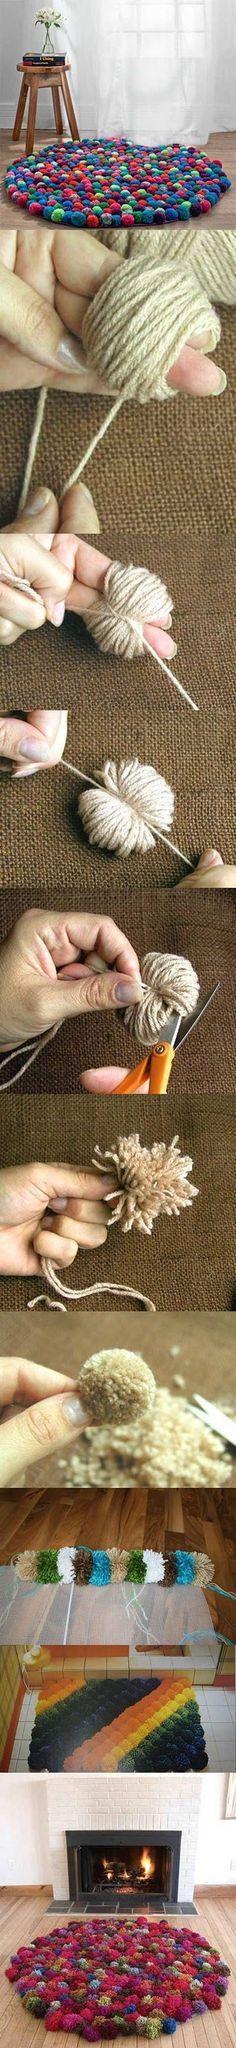 Diy Beautiful Carpet | DIY & Crafts web Tutorials Alfombras de pompones